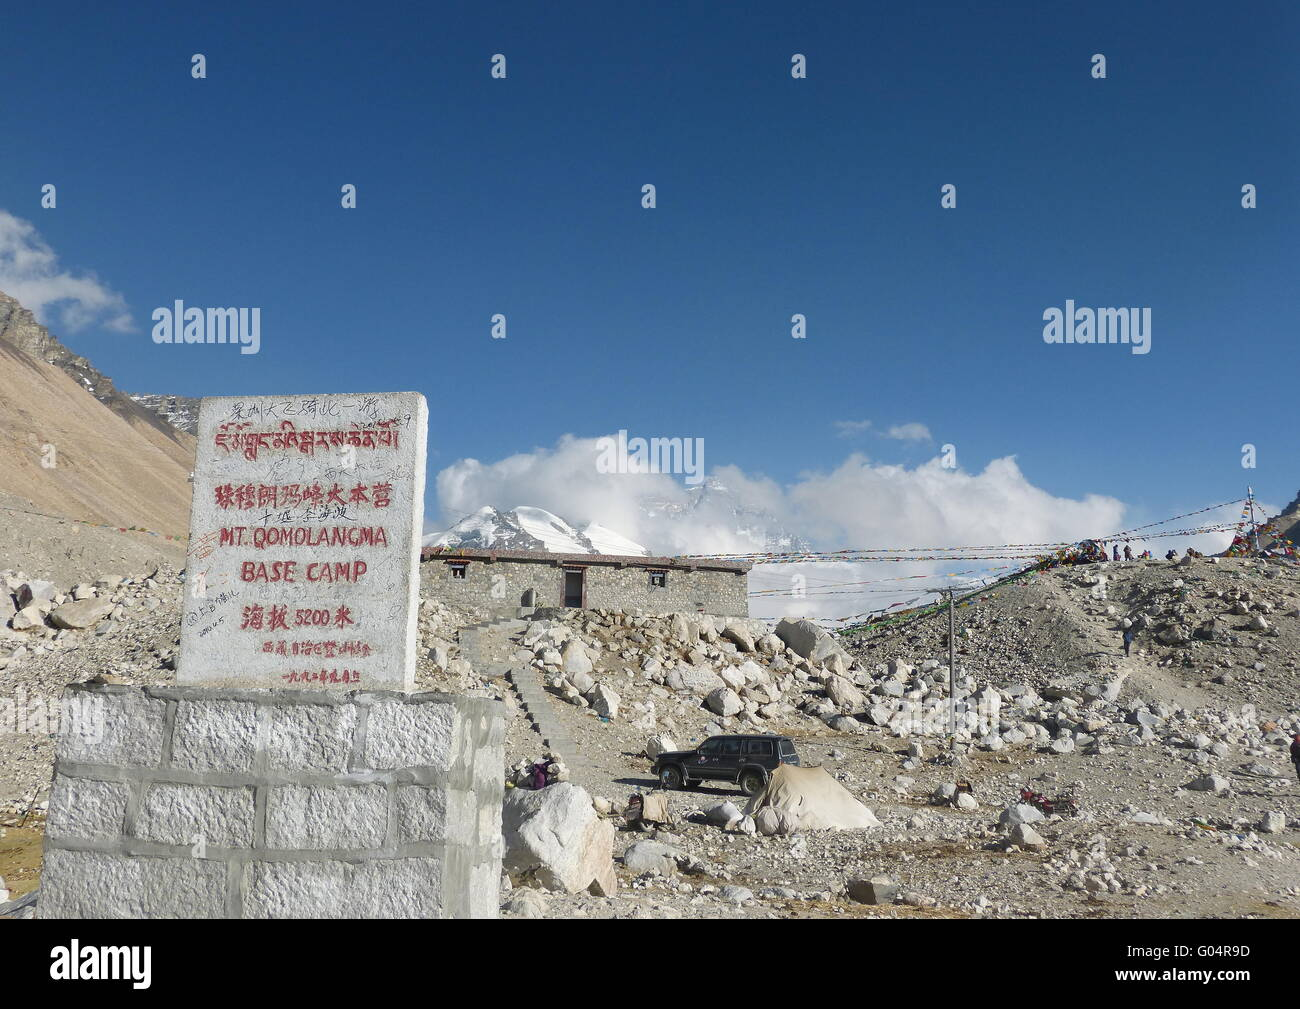 Elevation Milestone At Mount Everest Base Camp Indicating Altitude - Sea level altitude